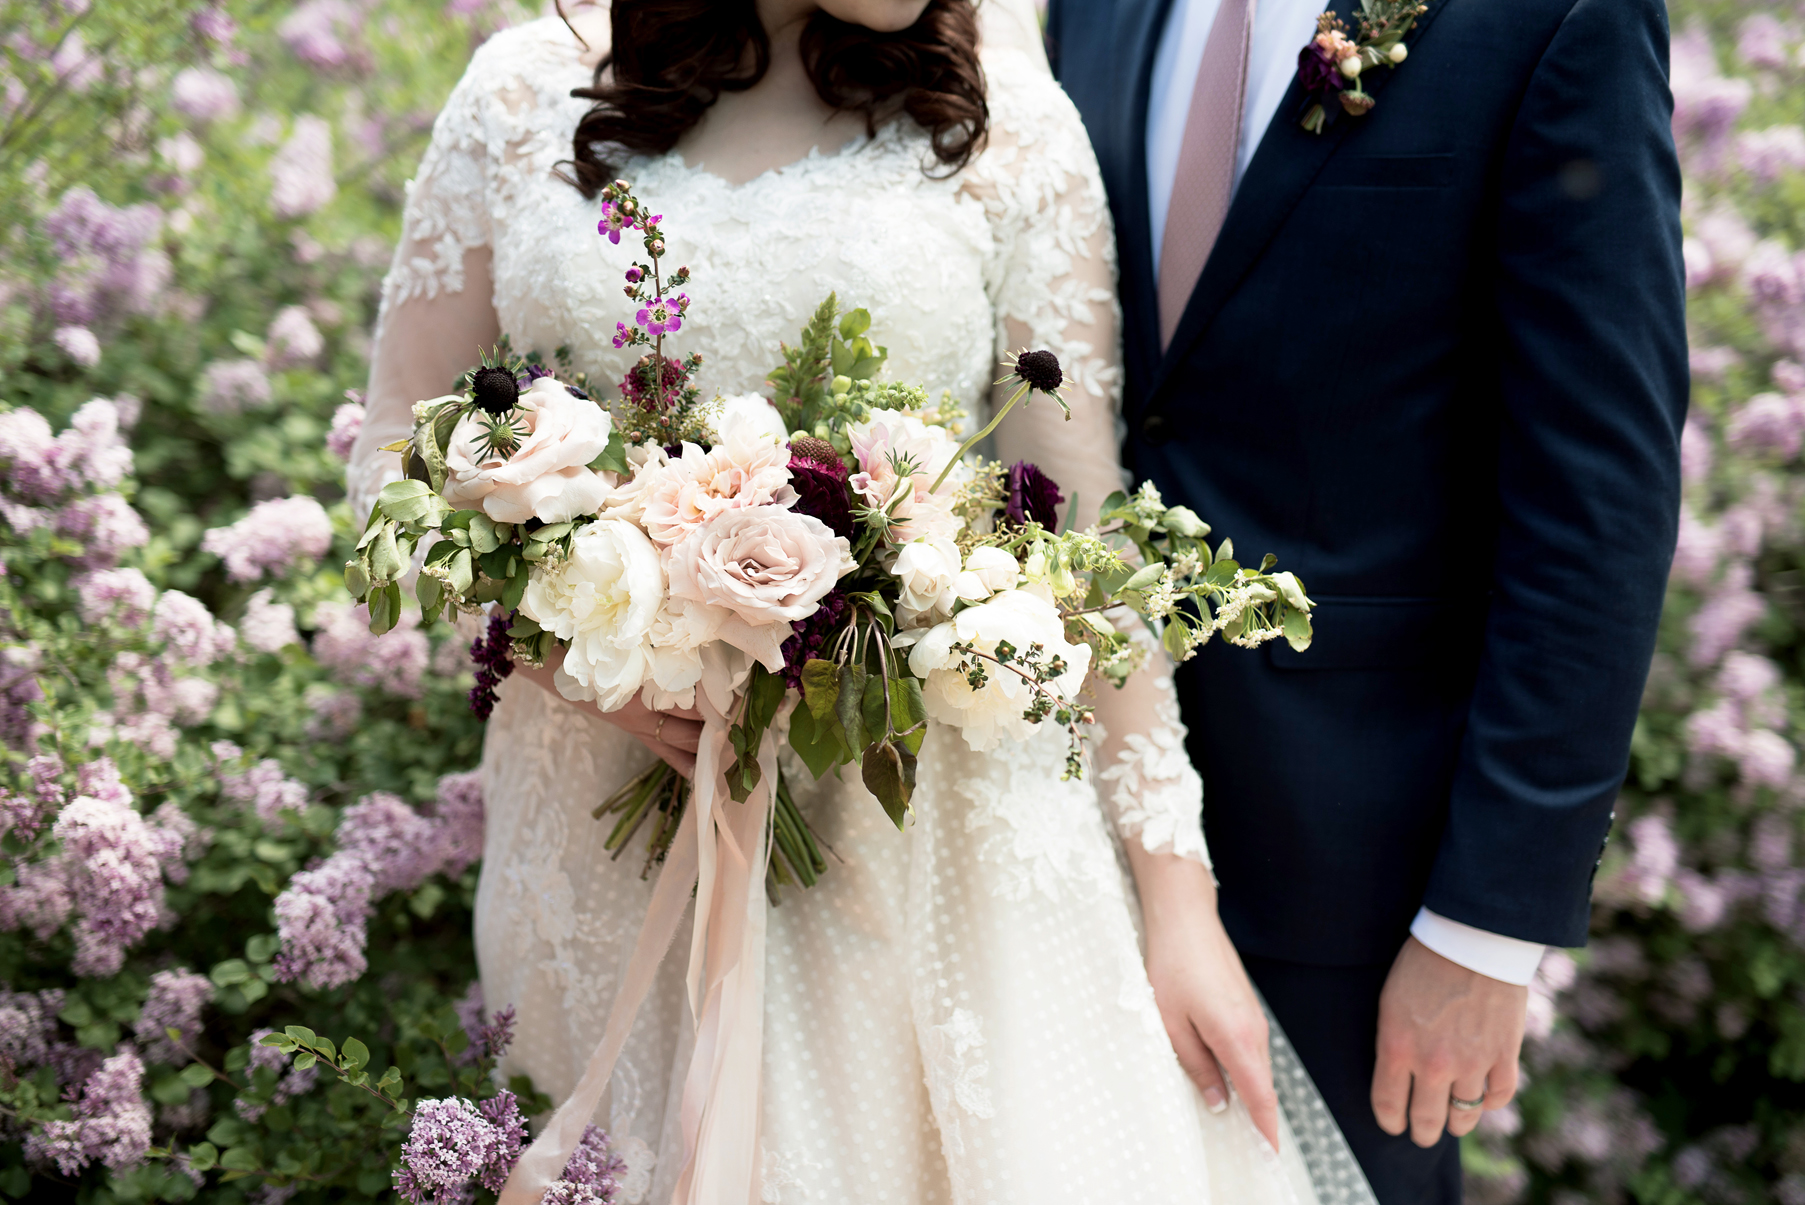 Spring Wedding Bouquet | Elisha Braithwaite Photography